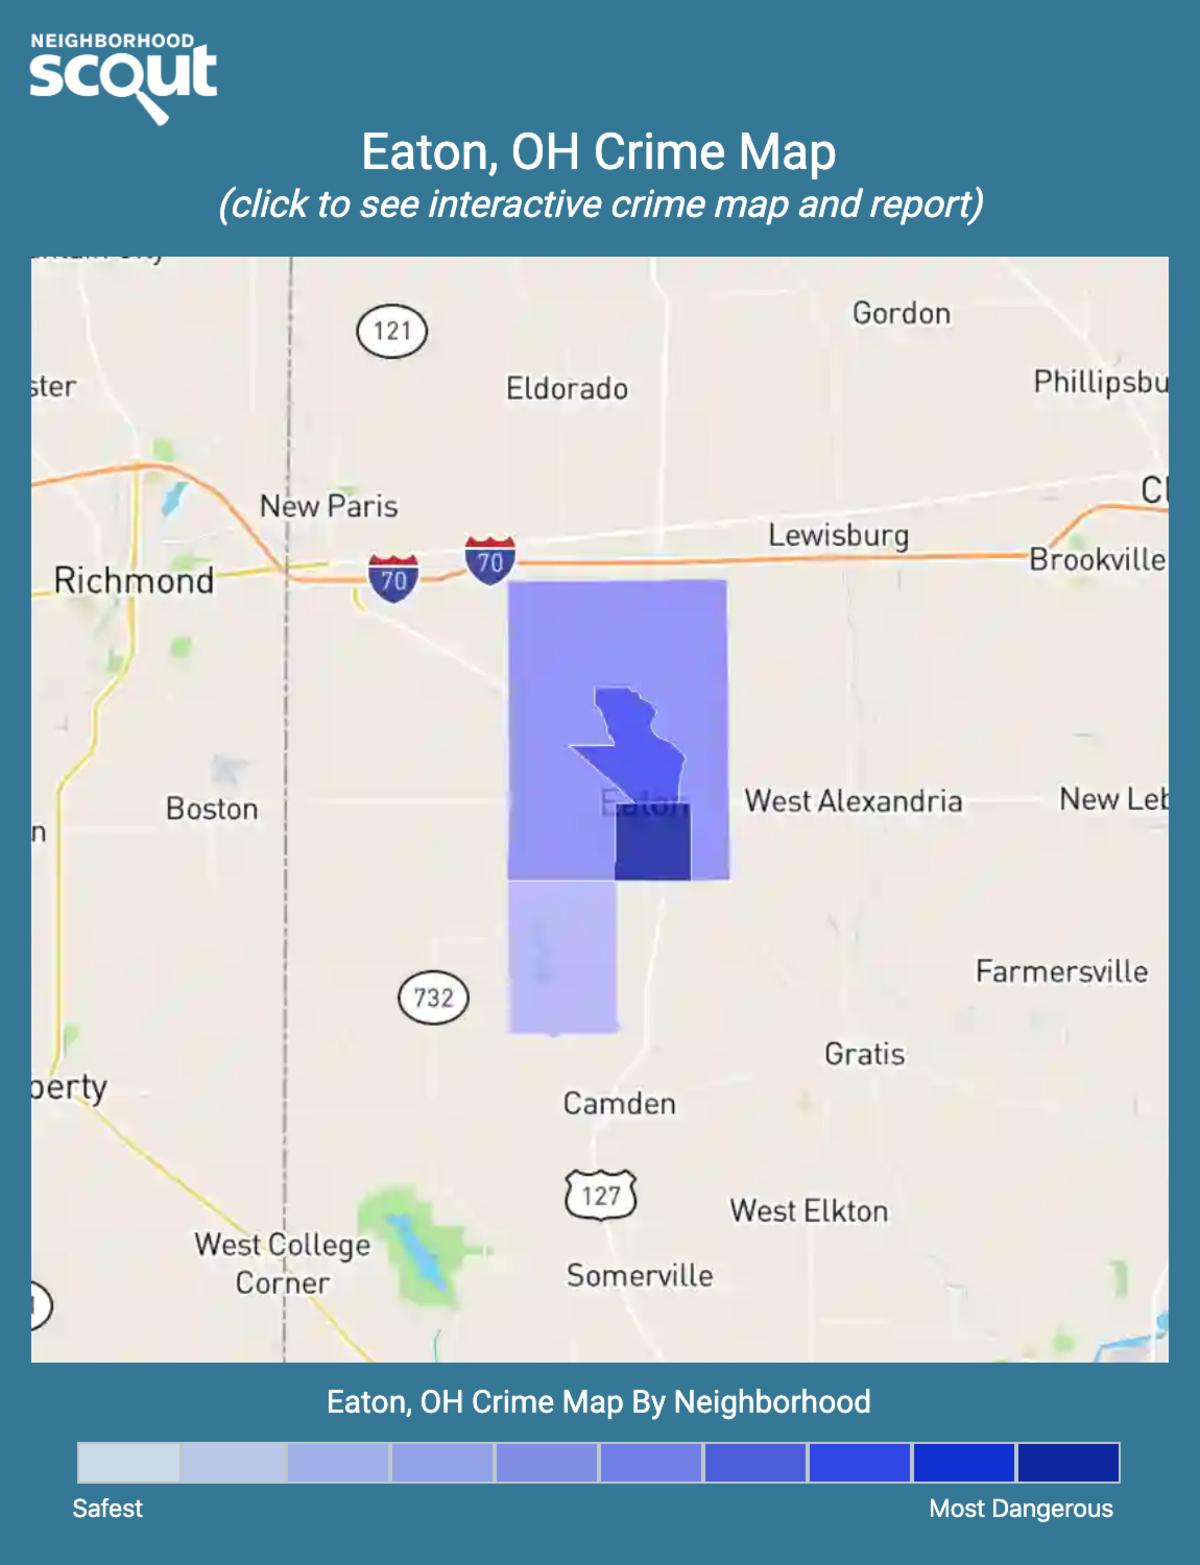 Eaton, Ohio crime map